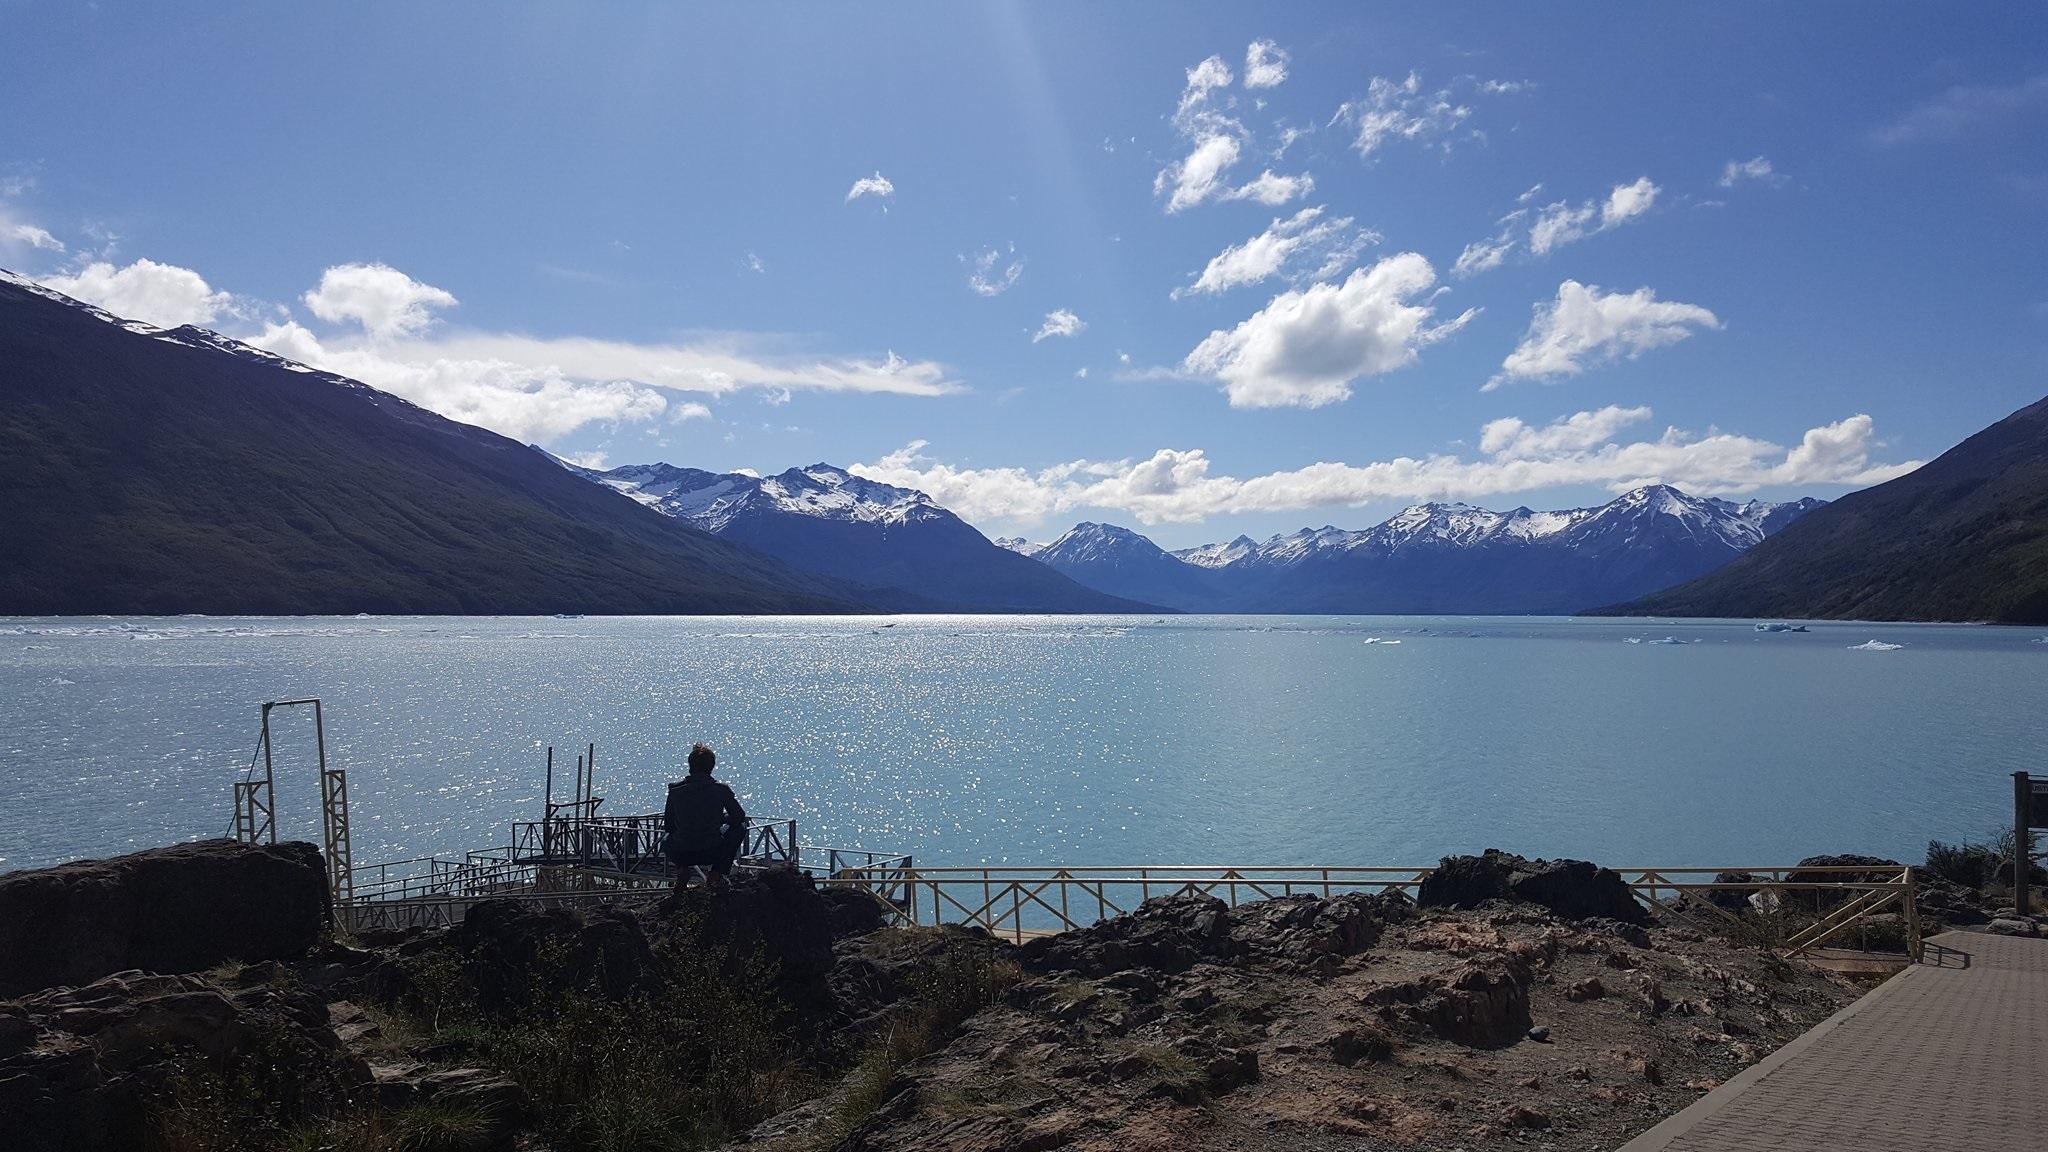 View near Perito Moreno glacier